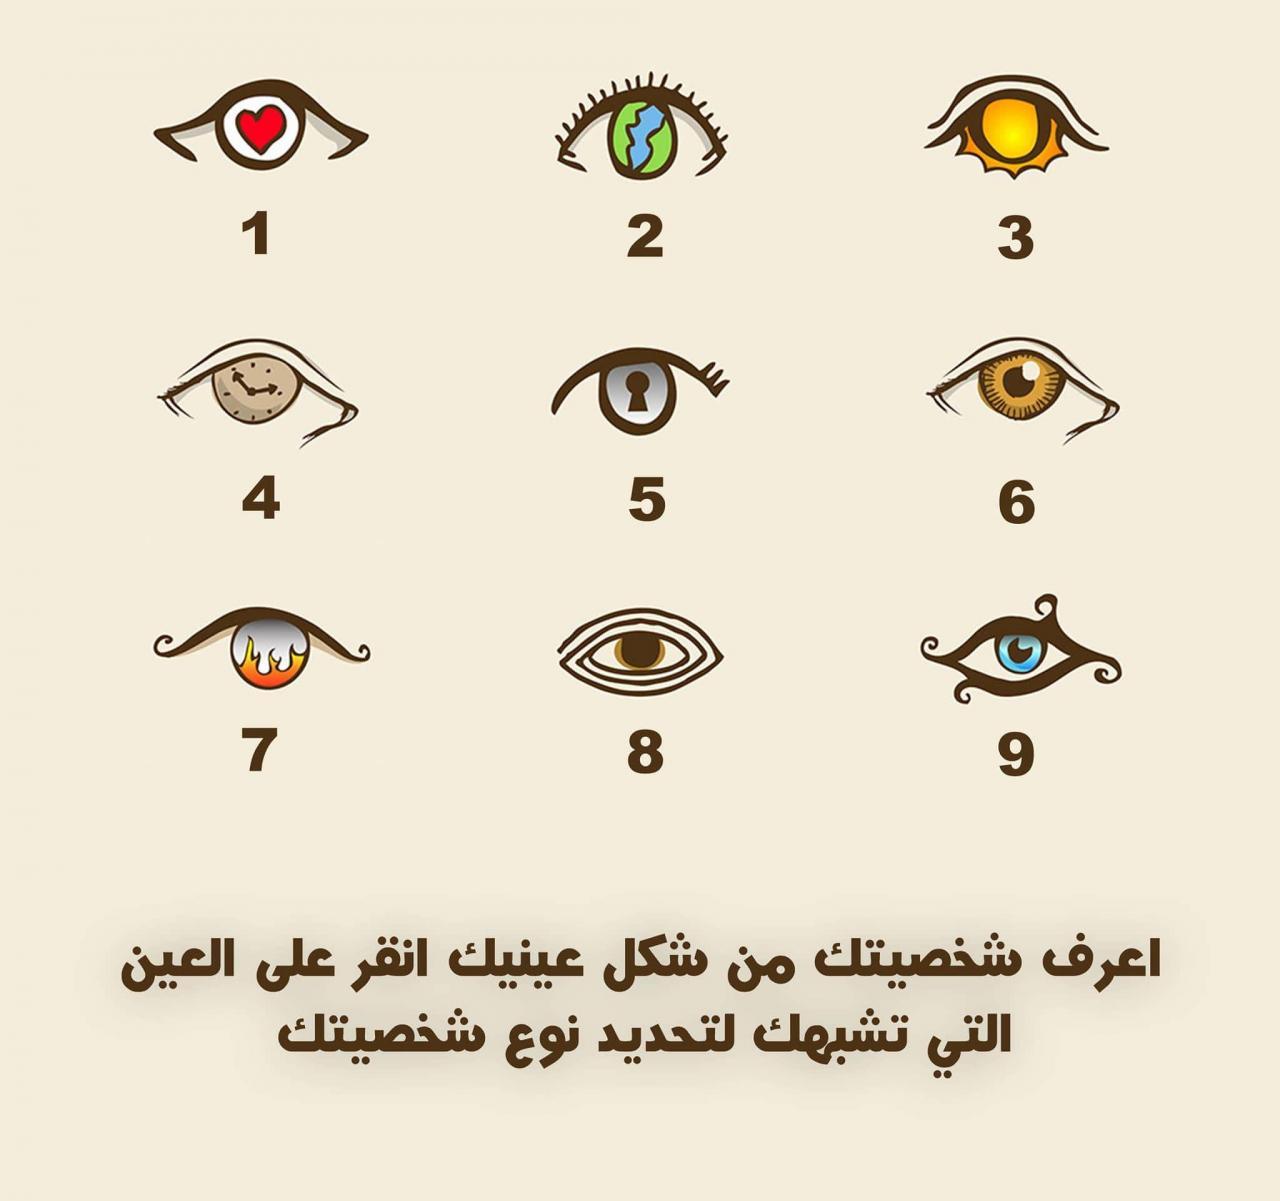 صورة كيف تعرف شخصيتك , كيفيه التعبير عن شخصيتى